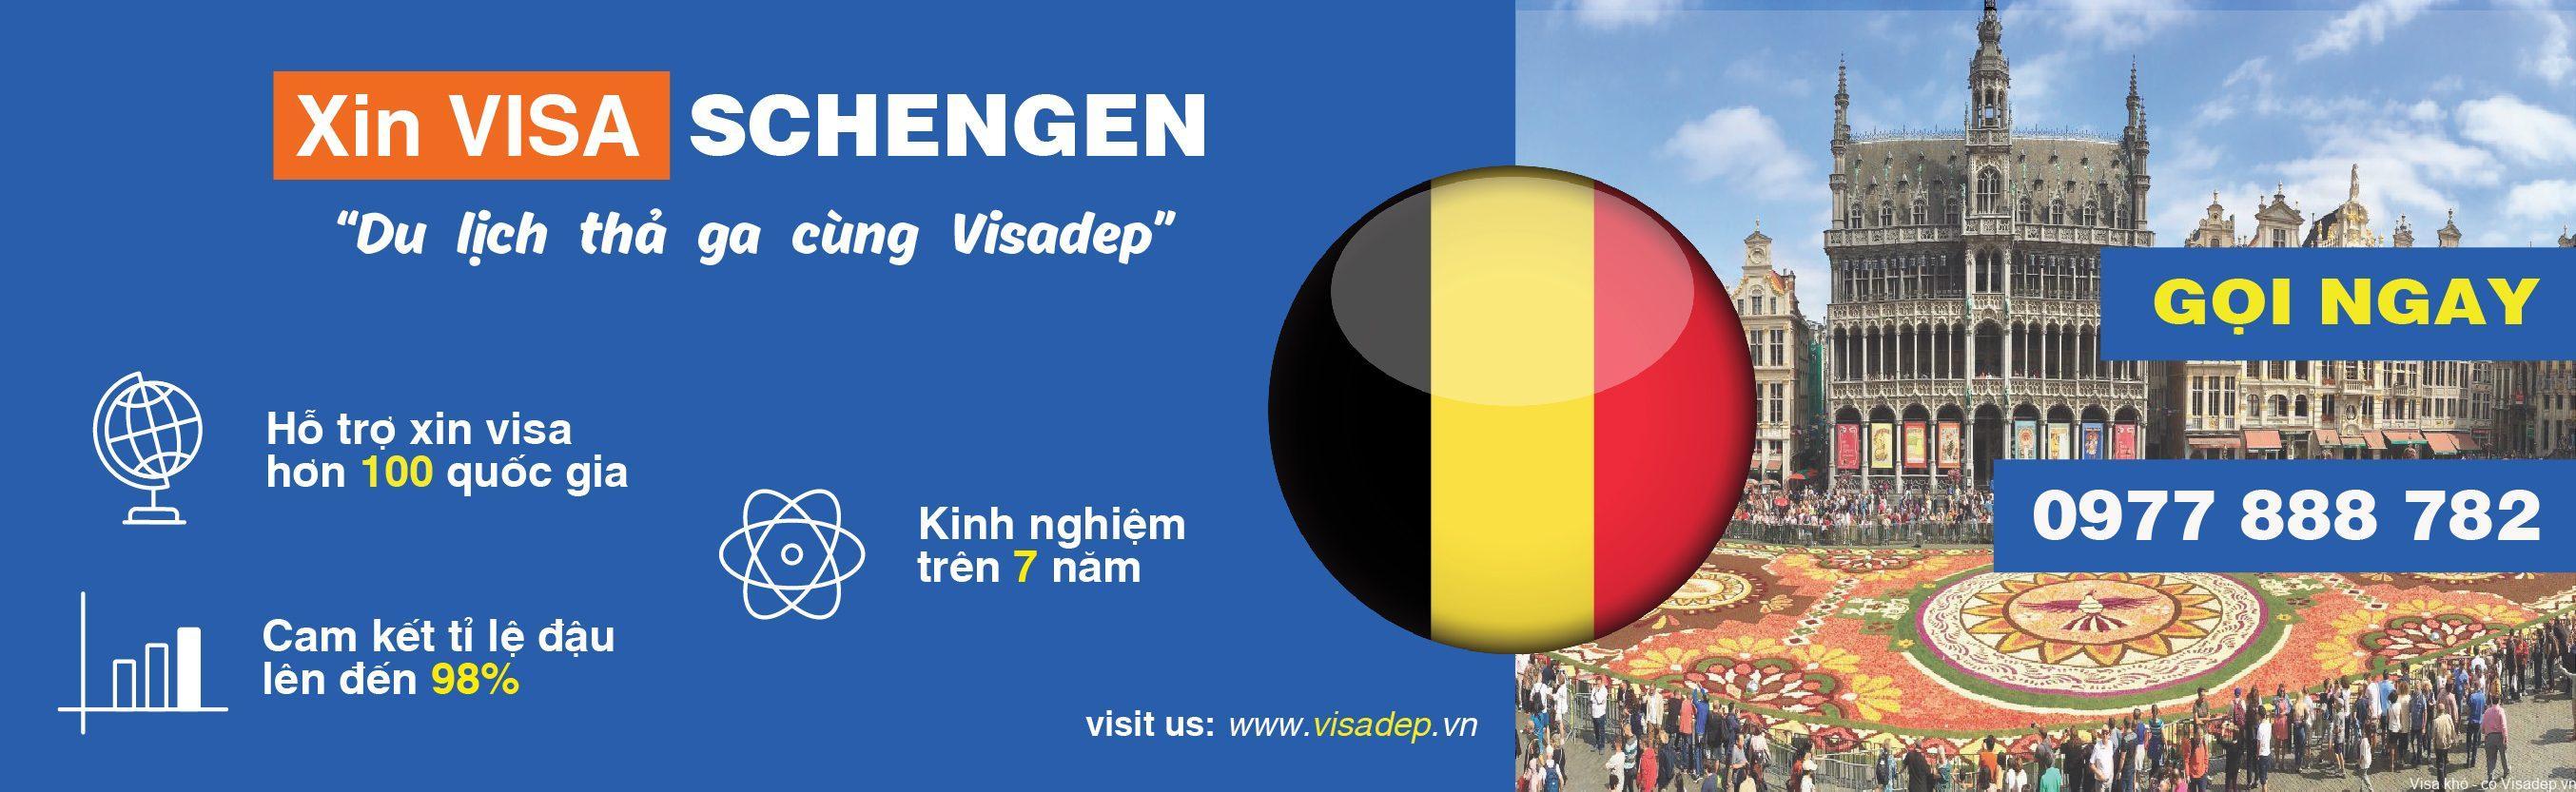 Dịch vụ xin visa bỉ